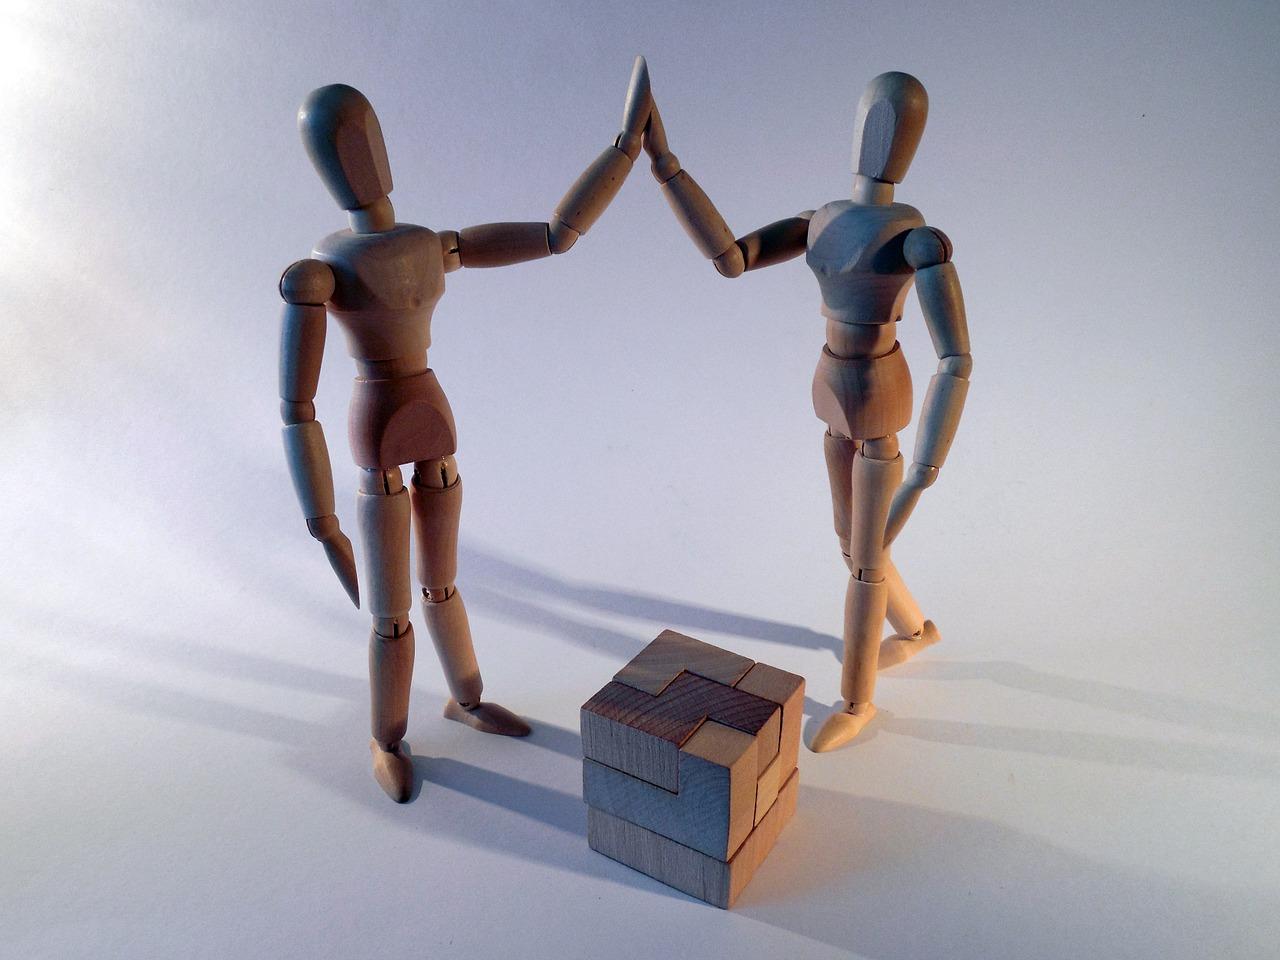 Zwei Figuren stehen vor dem gelösten Puzzle